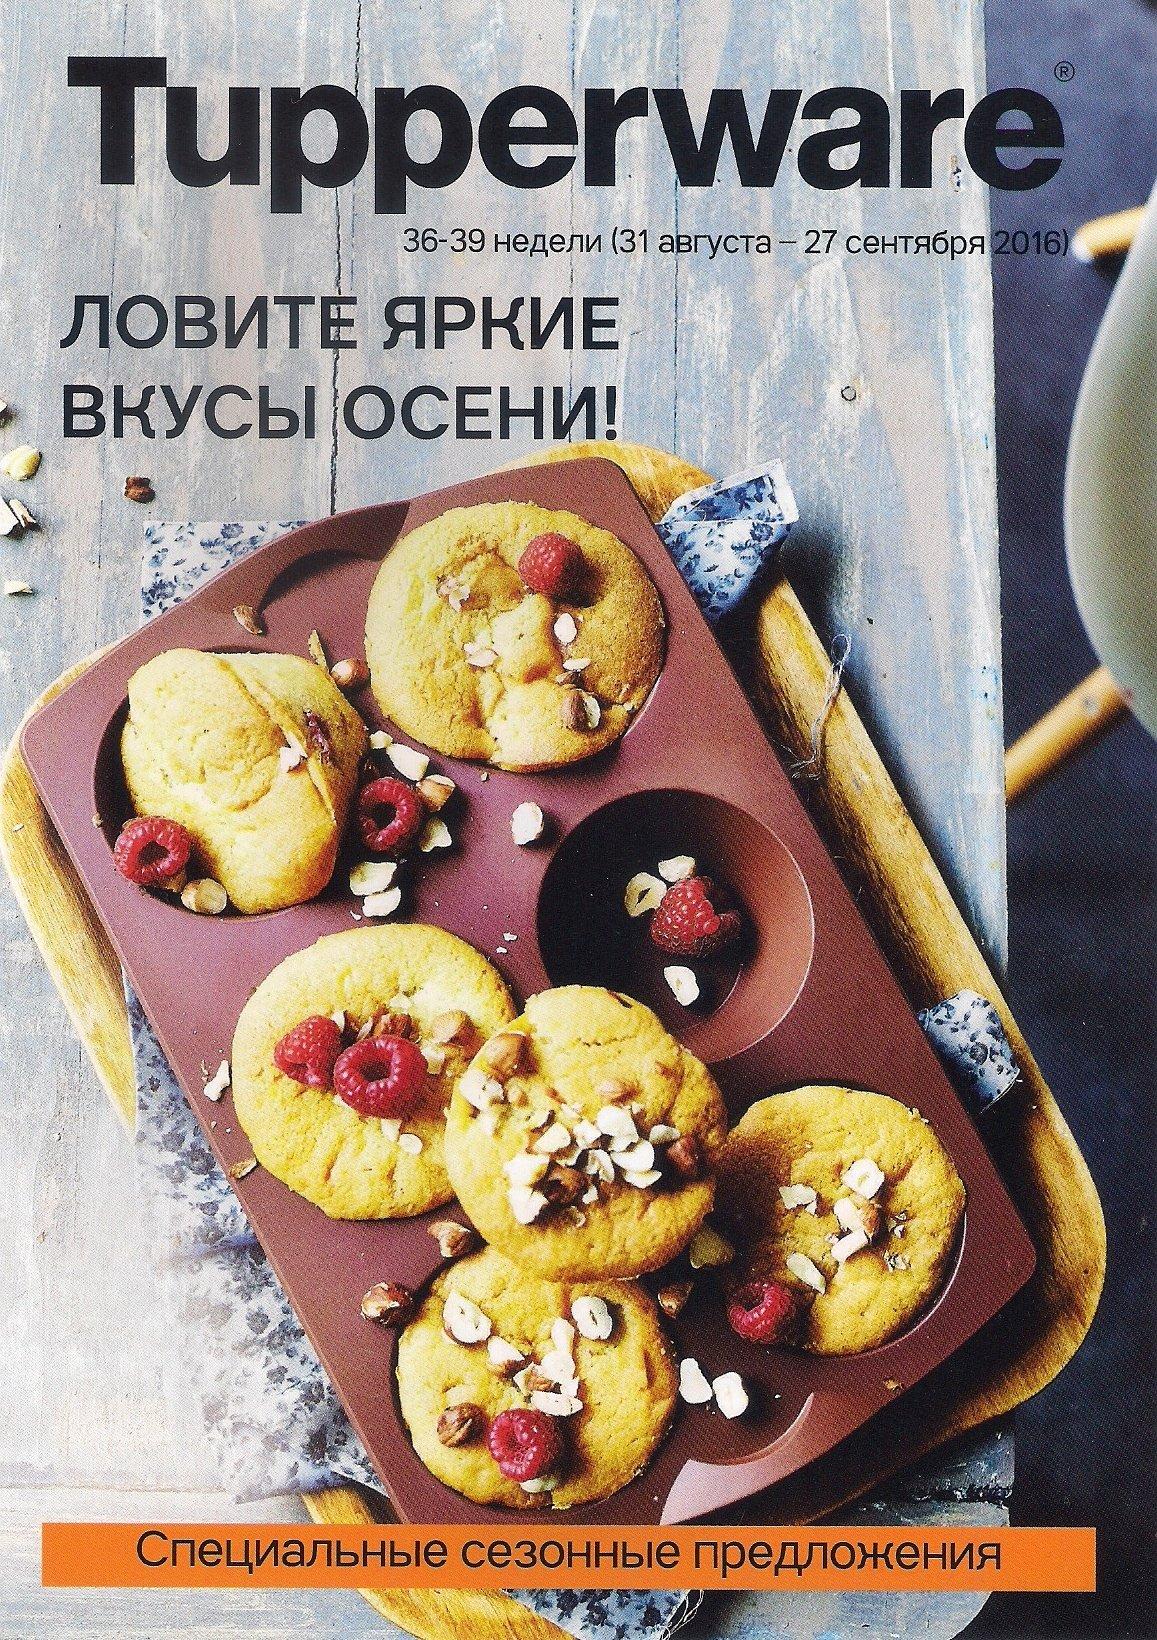 http://tupperware-online.ru/images/upload/1c.jpg